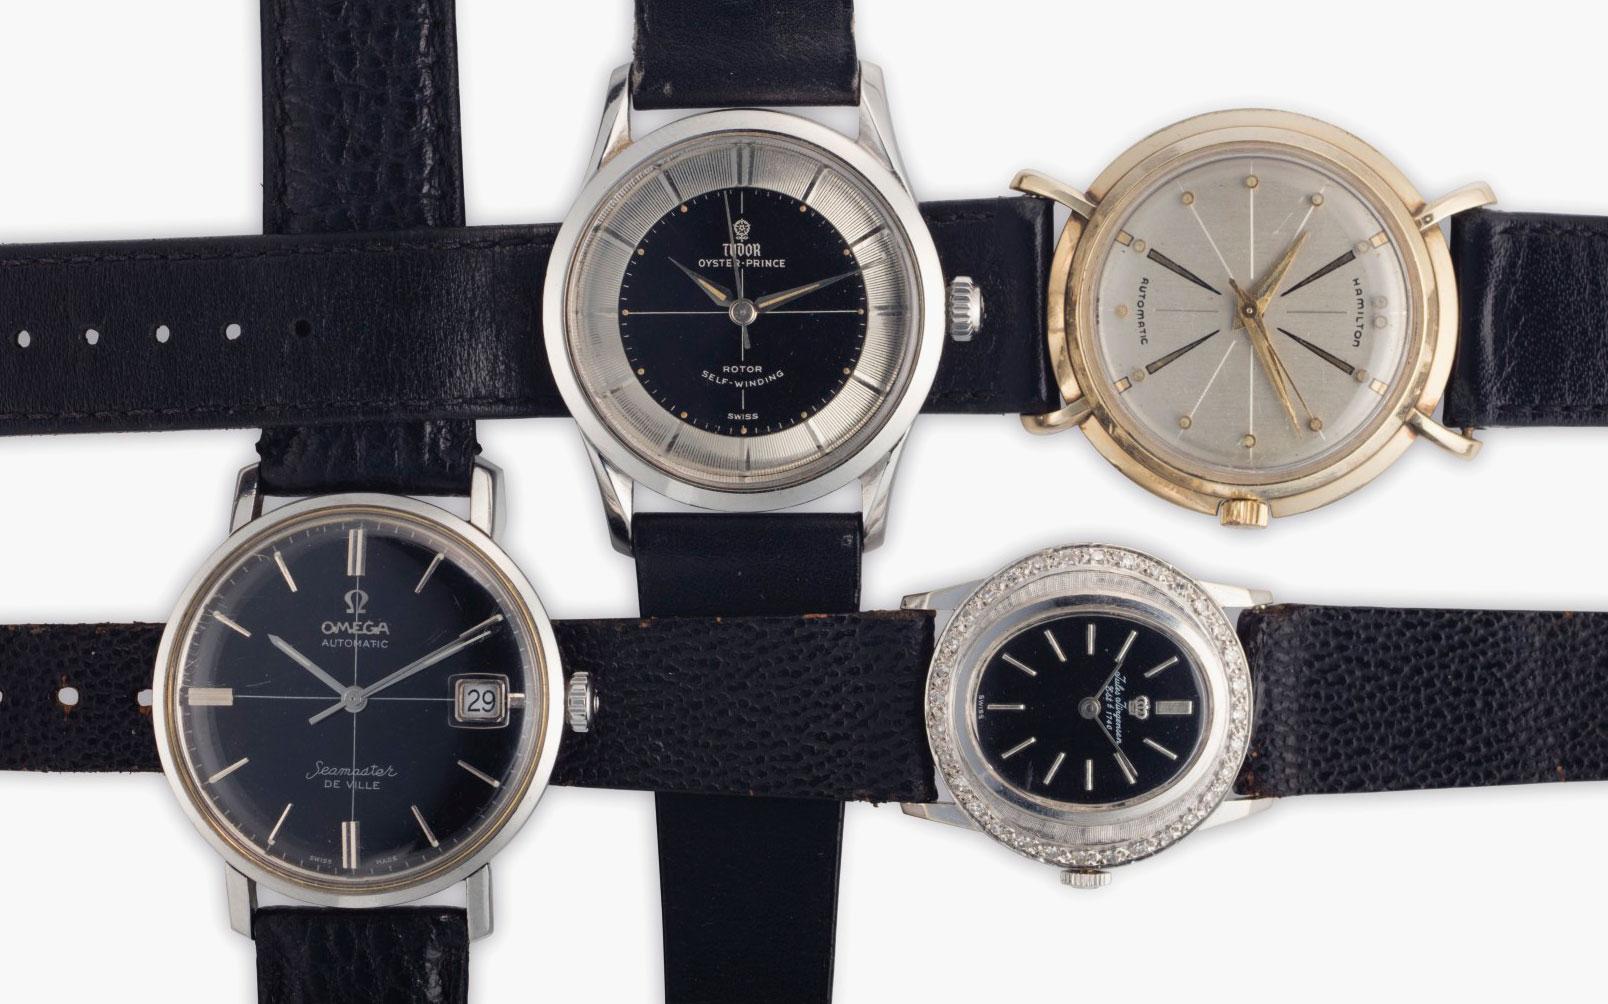 Watches worn by Mad Men